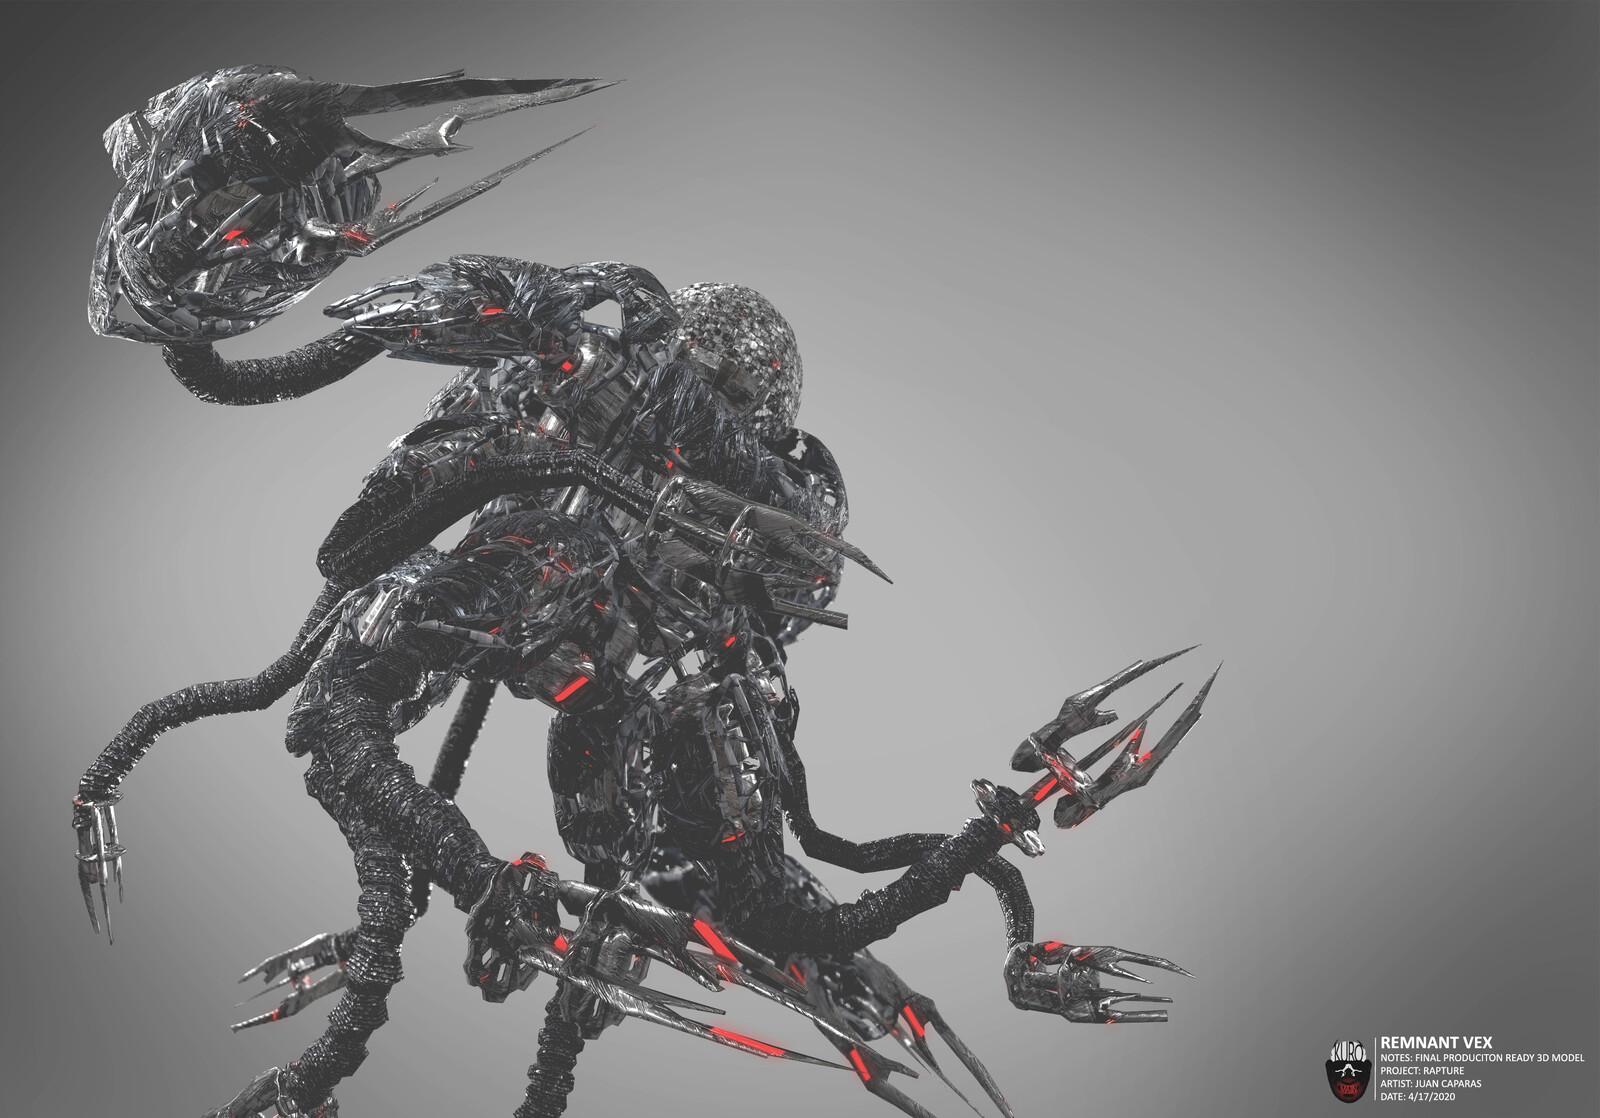 Remnant Vex 3D Model | Kuro Majin Productions